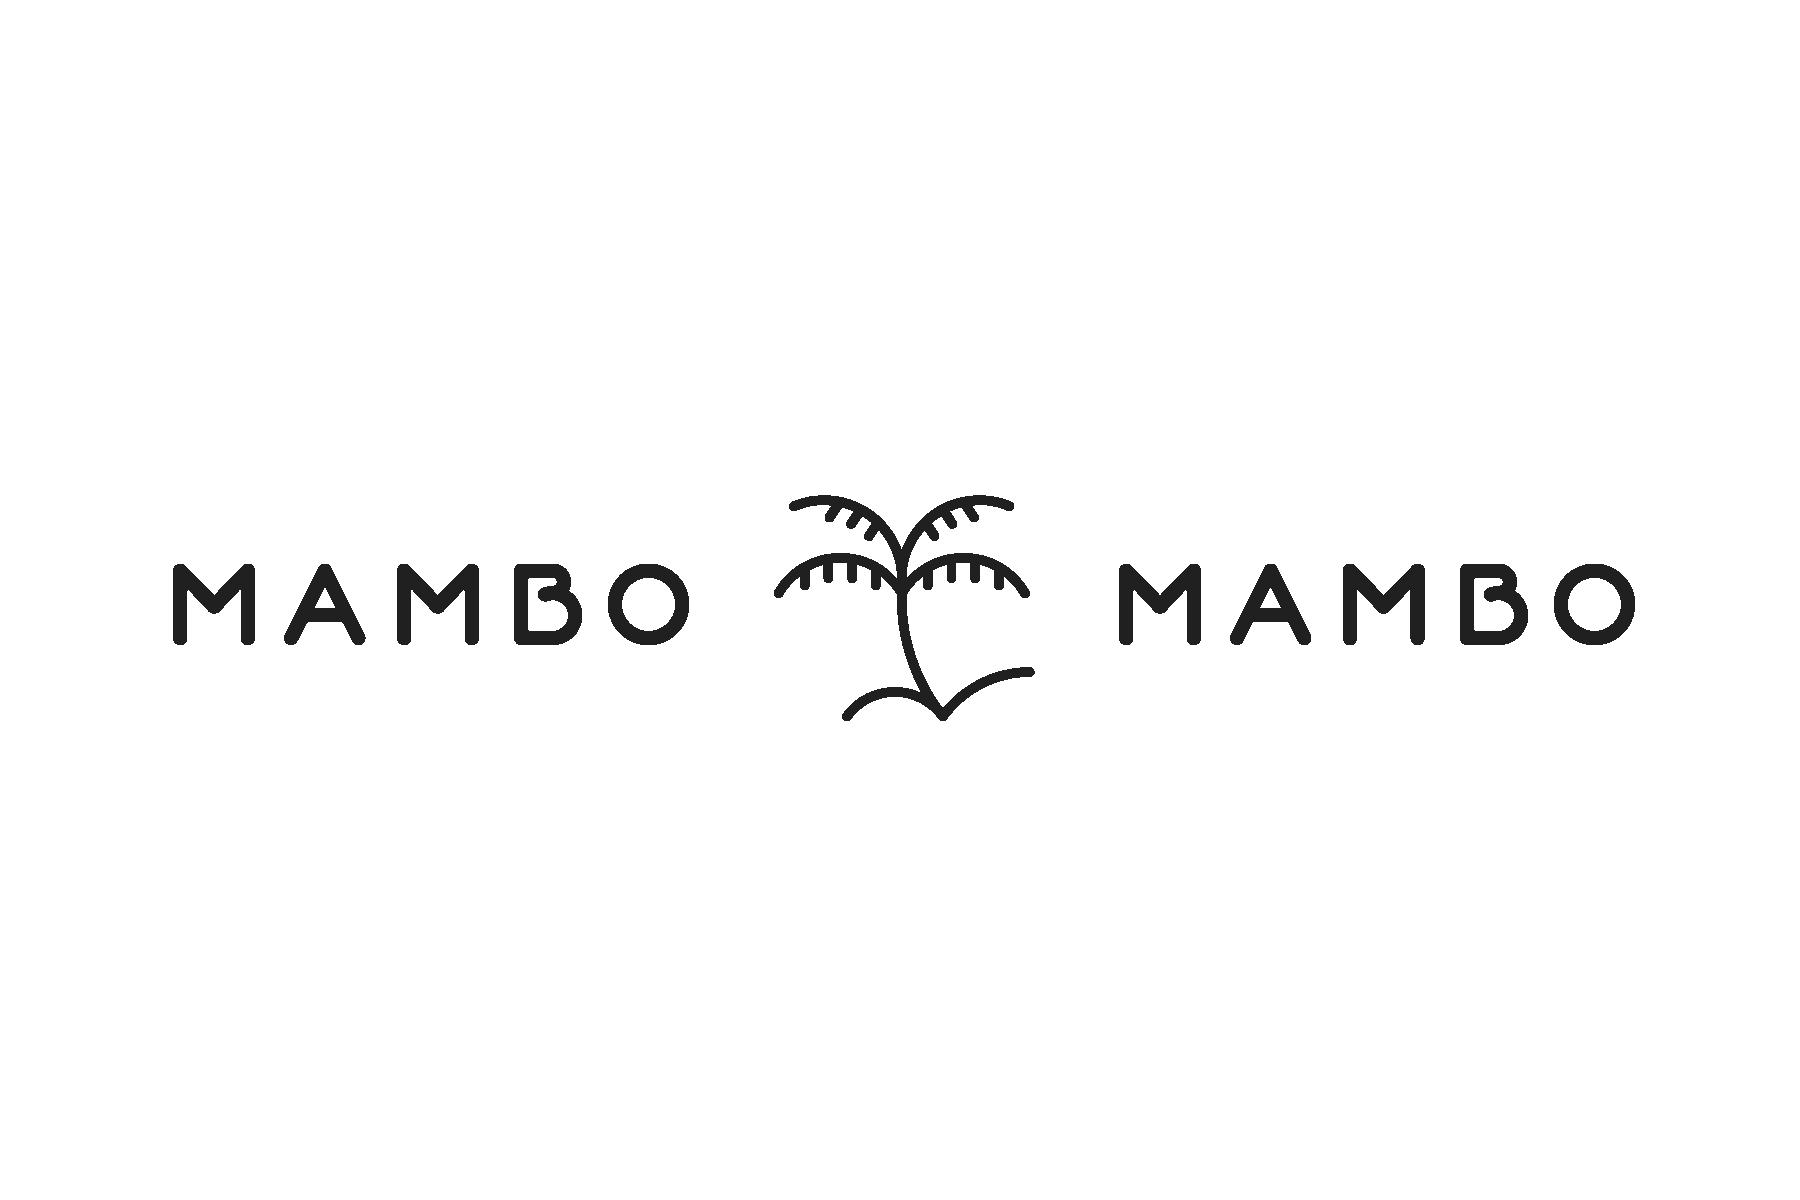 Mambo Mambo